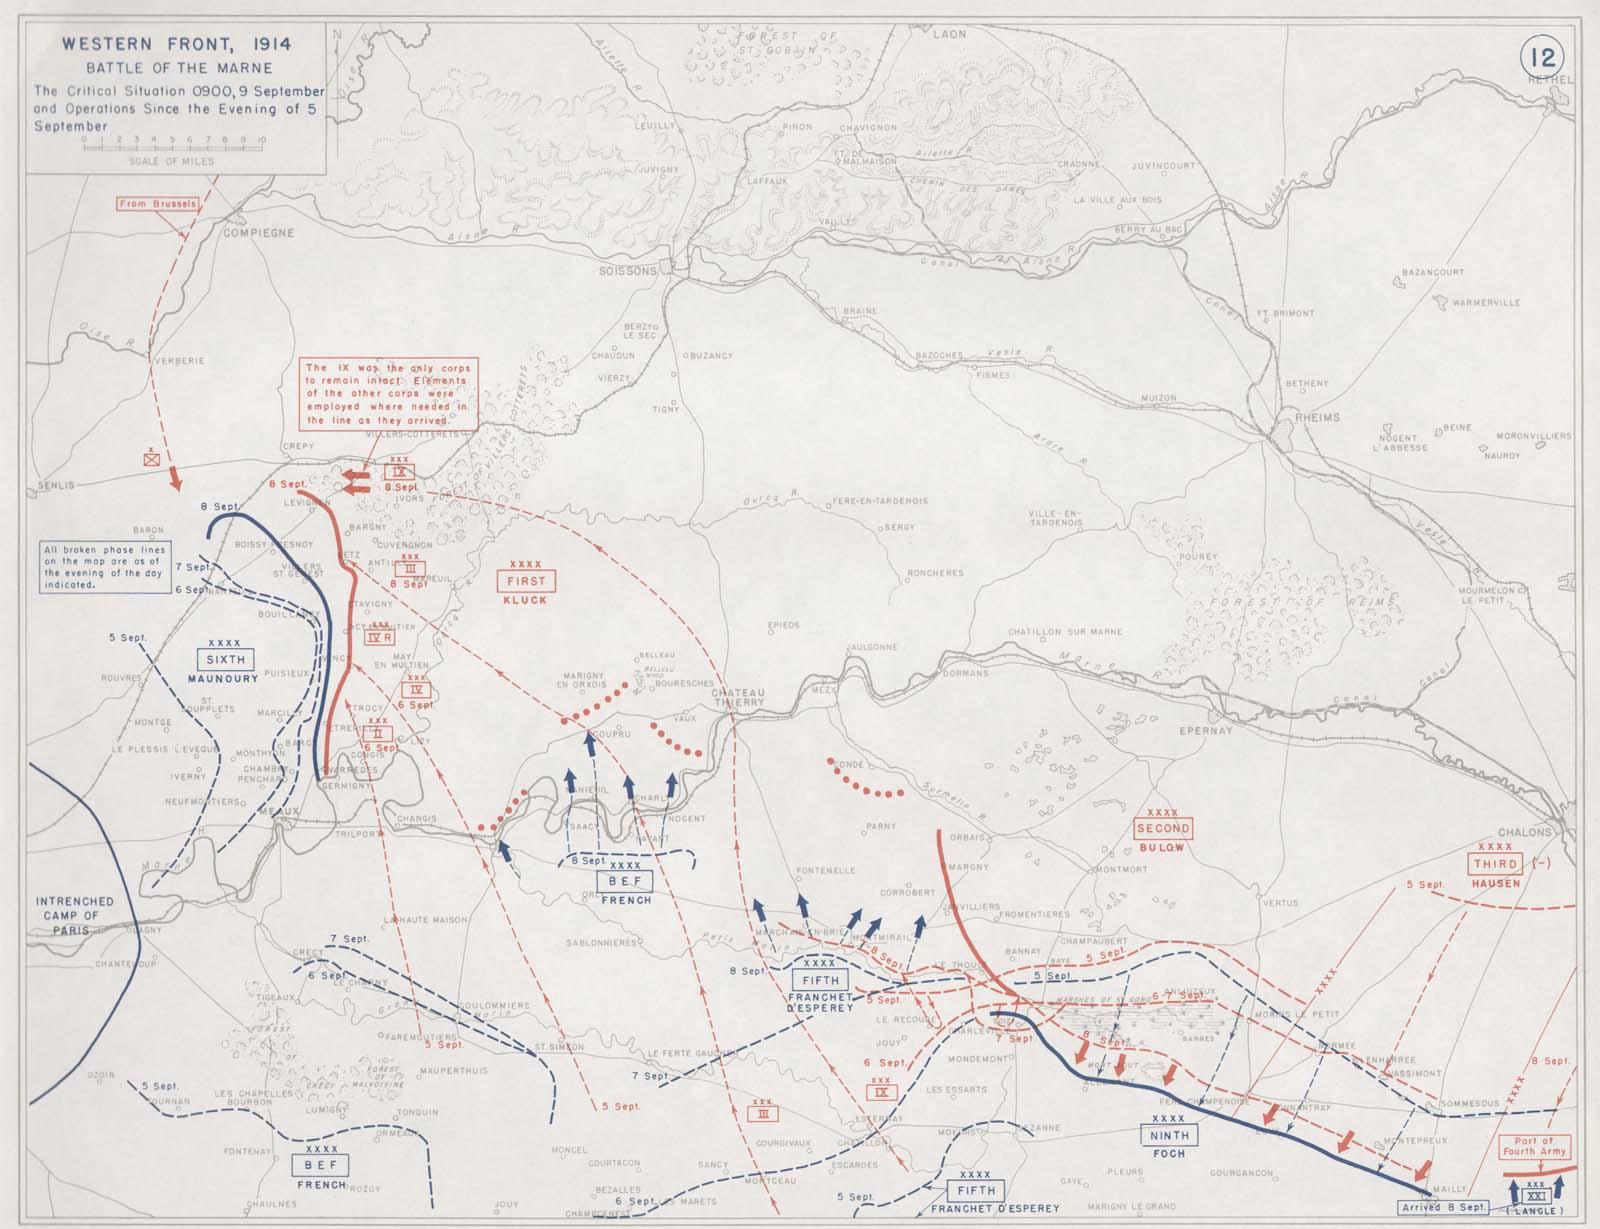 First world war - Marne battle maps..